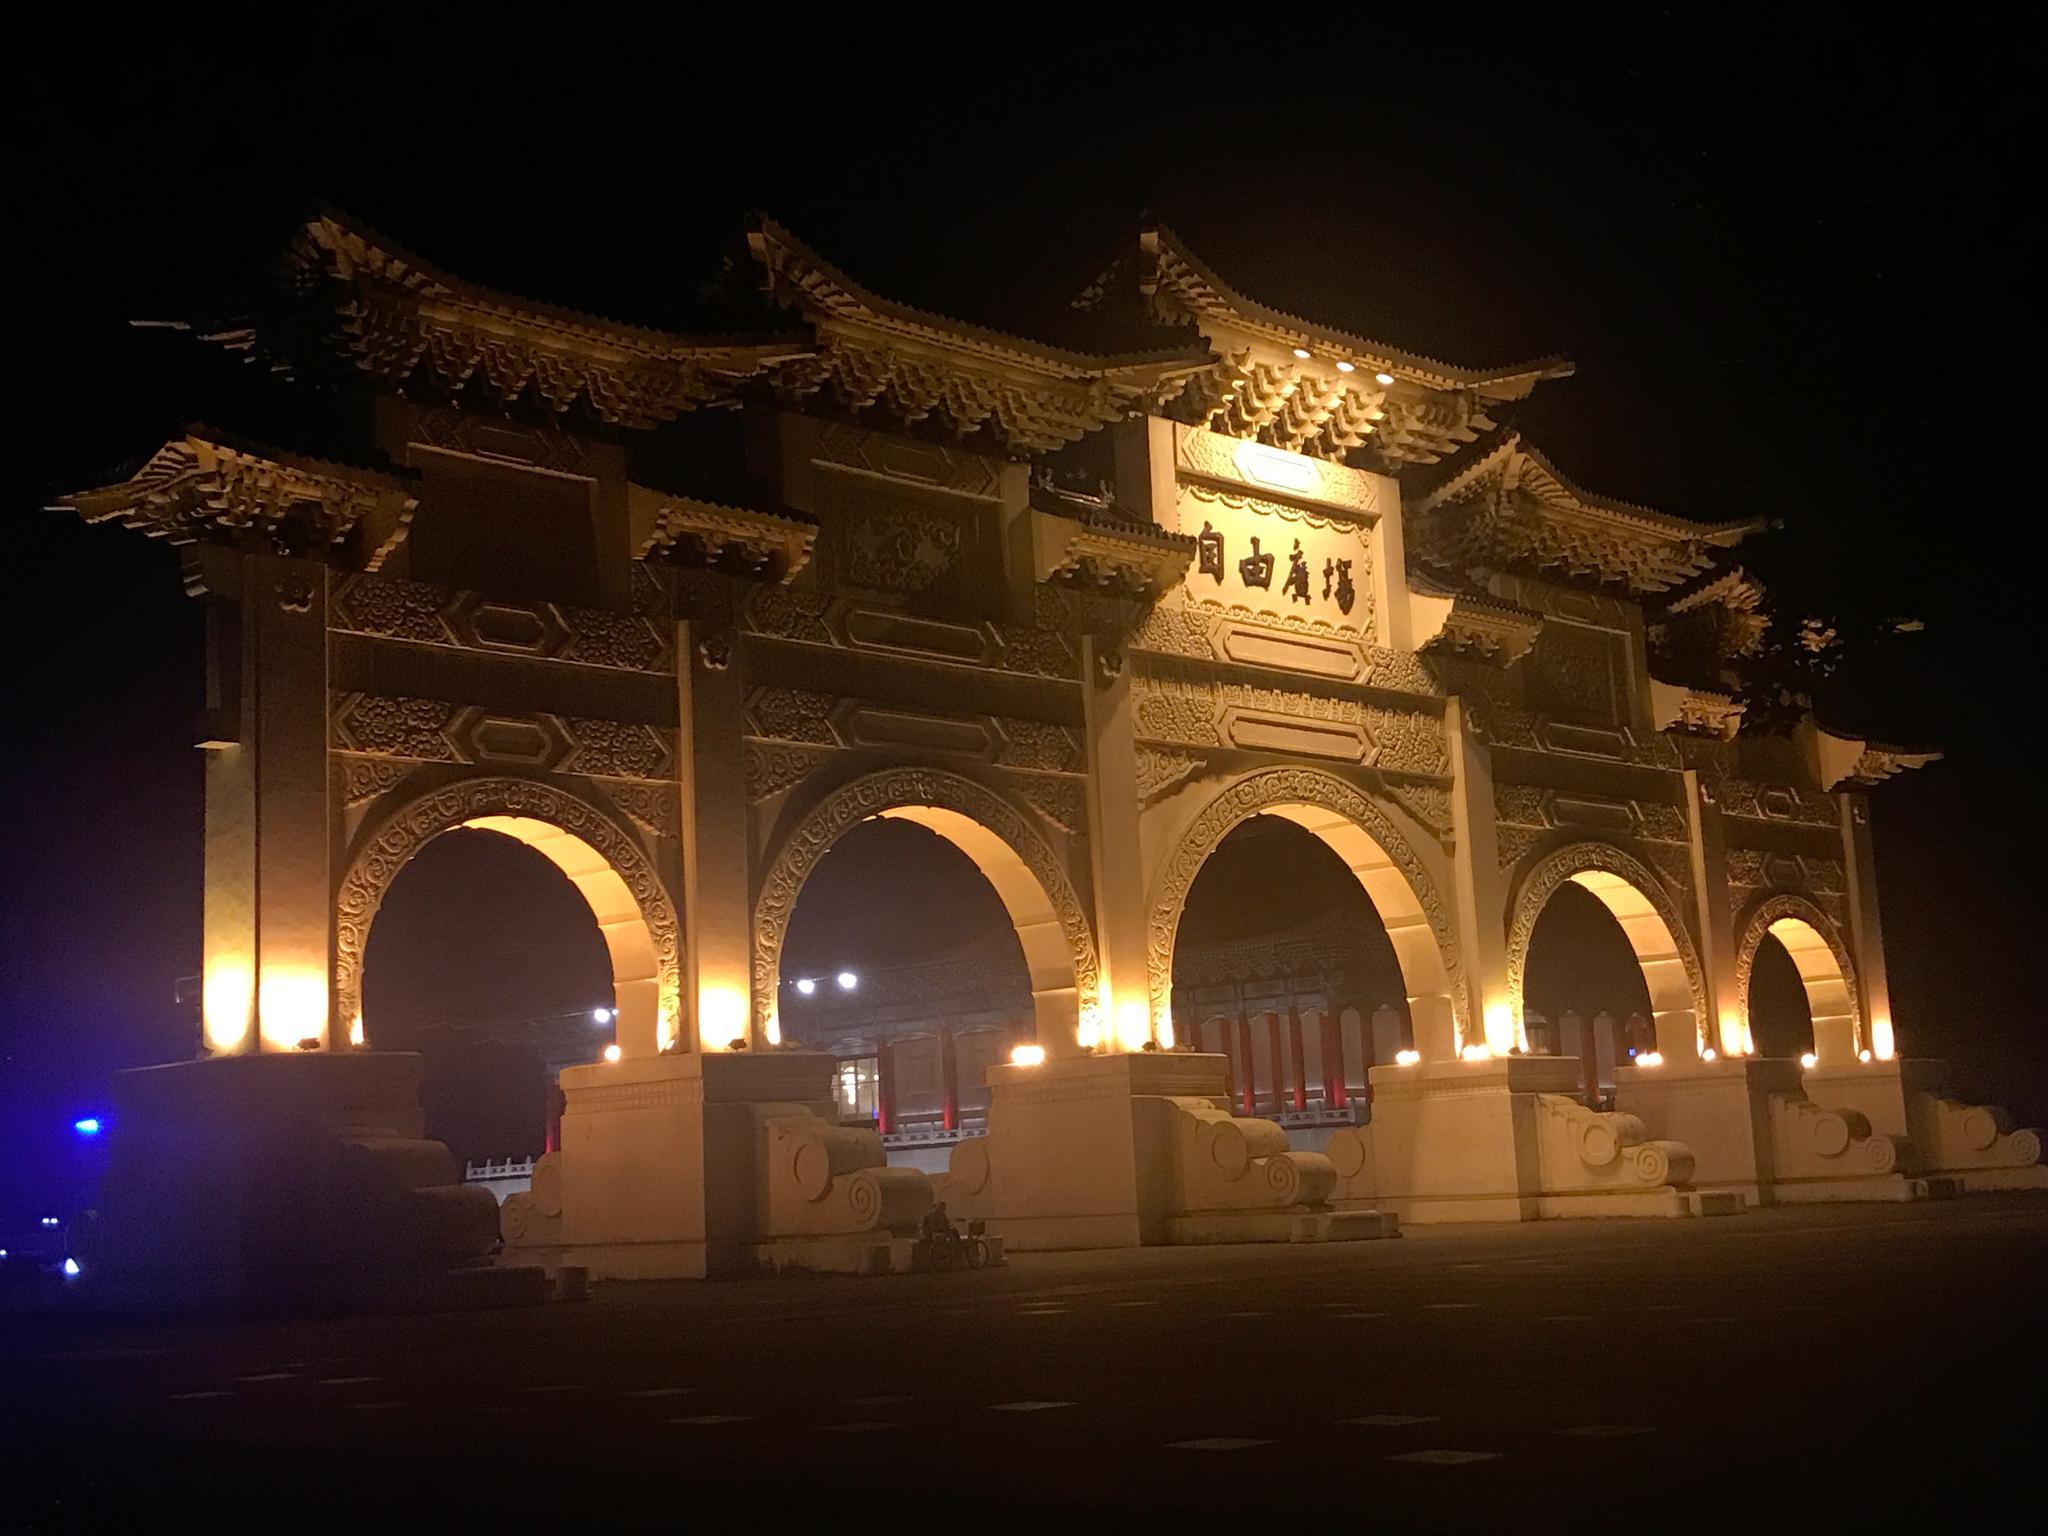 夜晚九点多的中正纪念堂,除了几个建筑的轮廓灯光外,周围漆黑一片